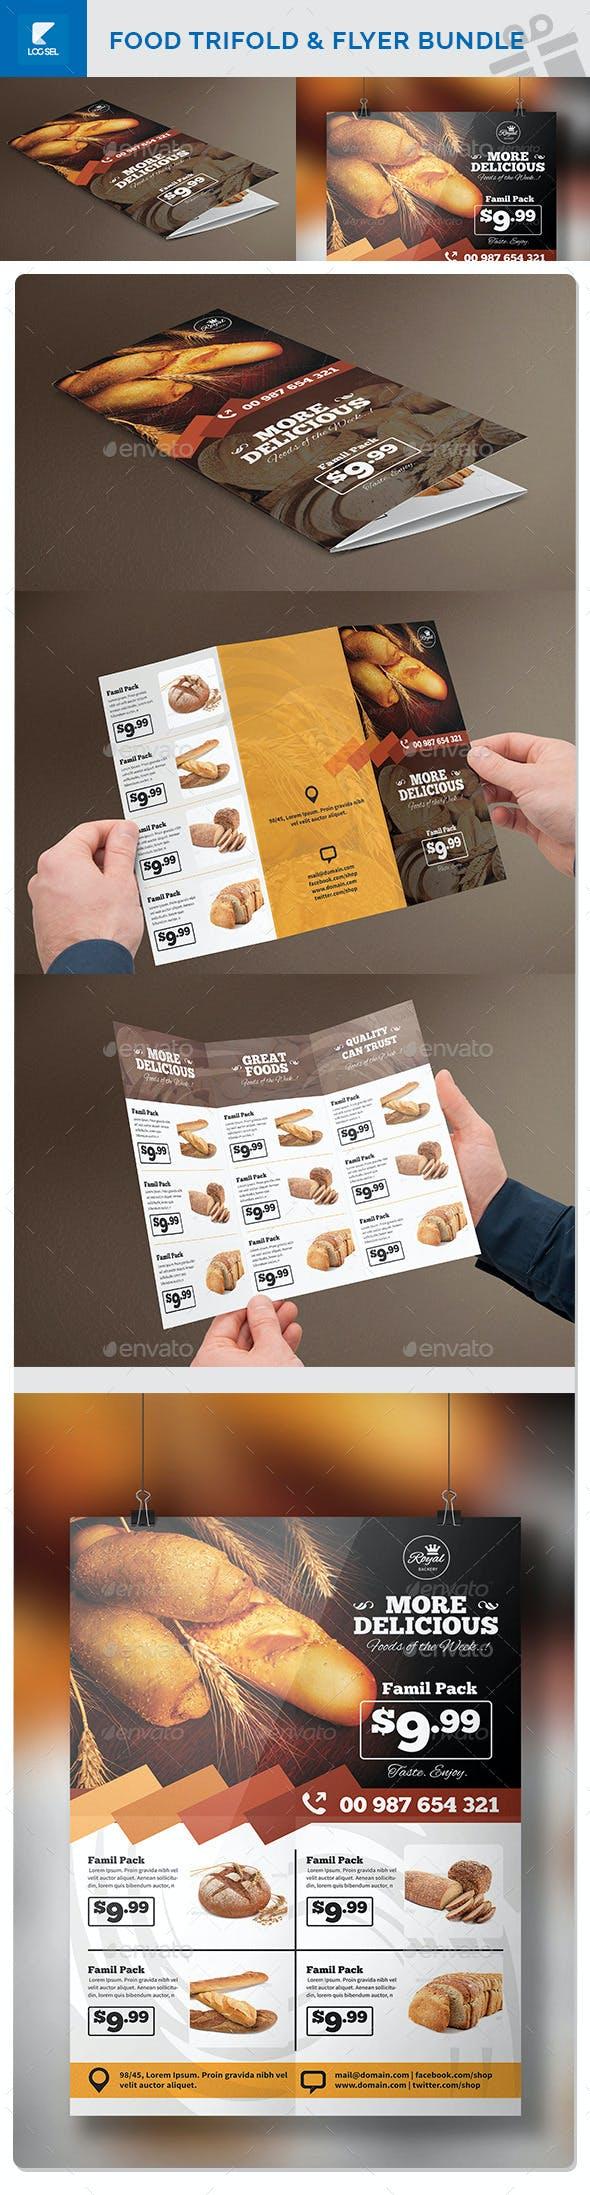 Food Trifold & Flyer Bundle